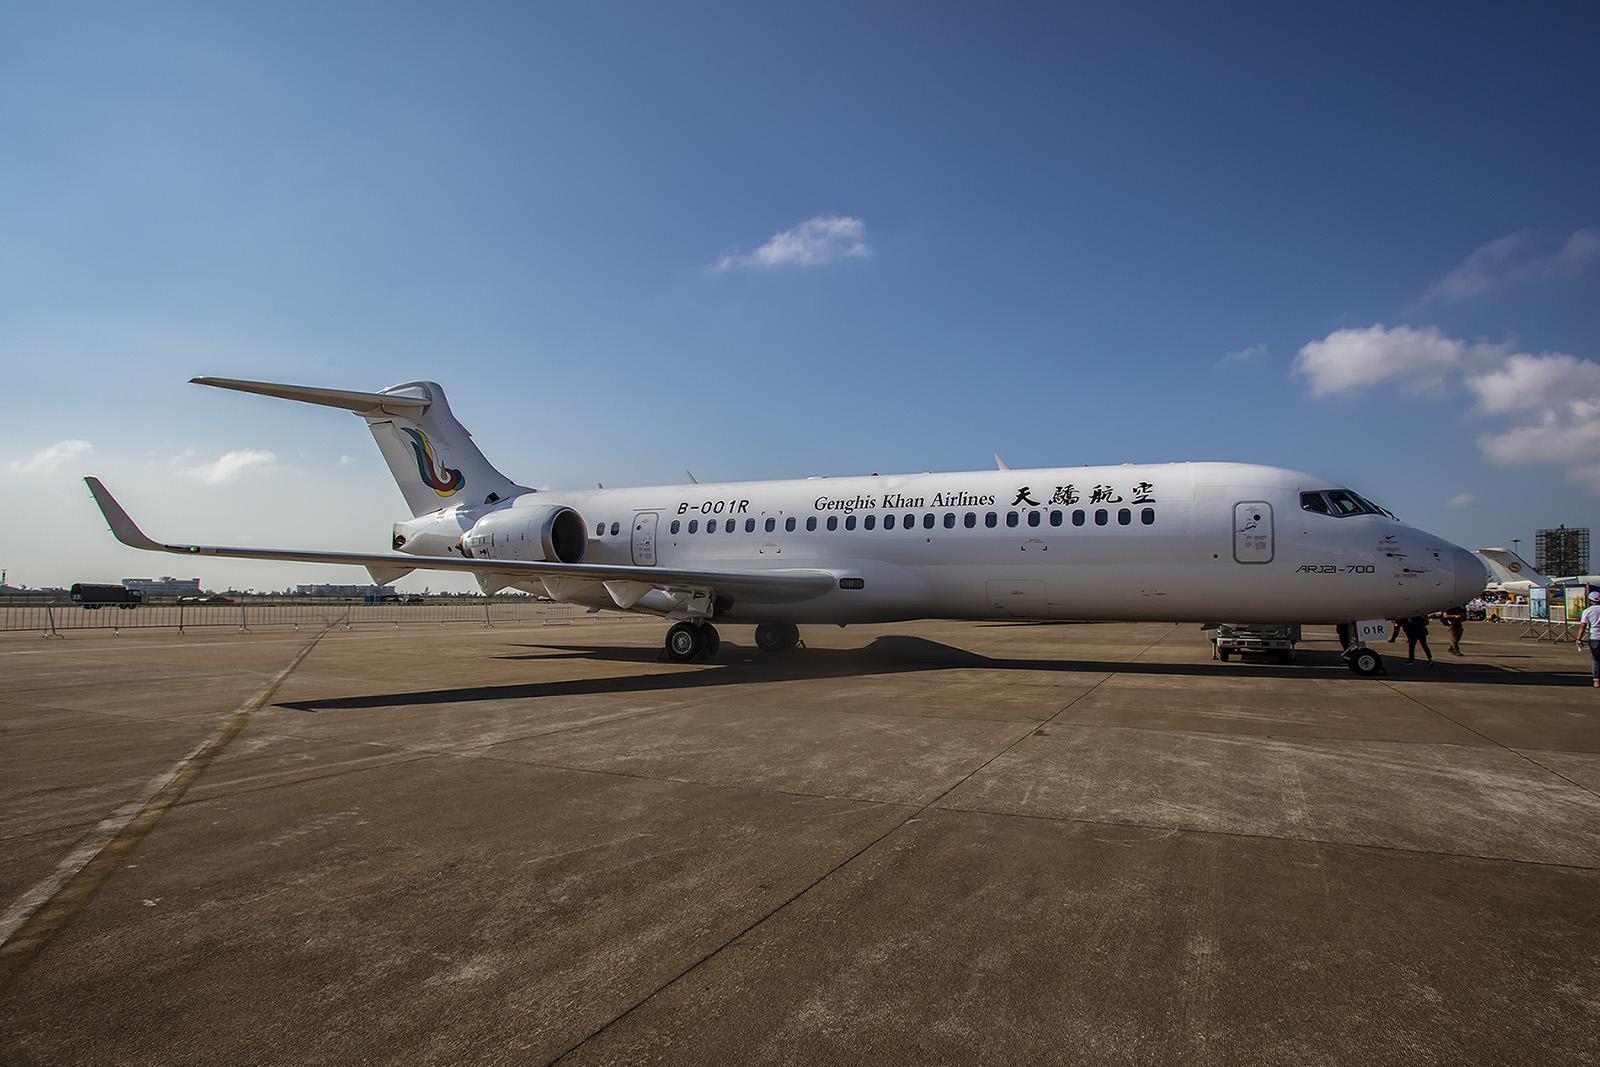 No. 1 für Ghengis Khan Airlines